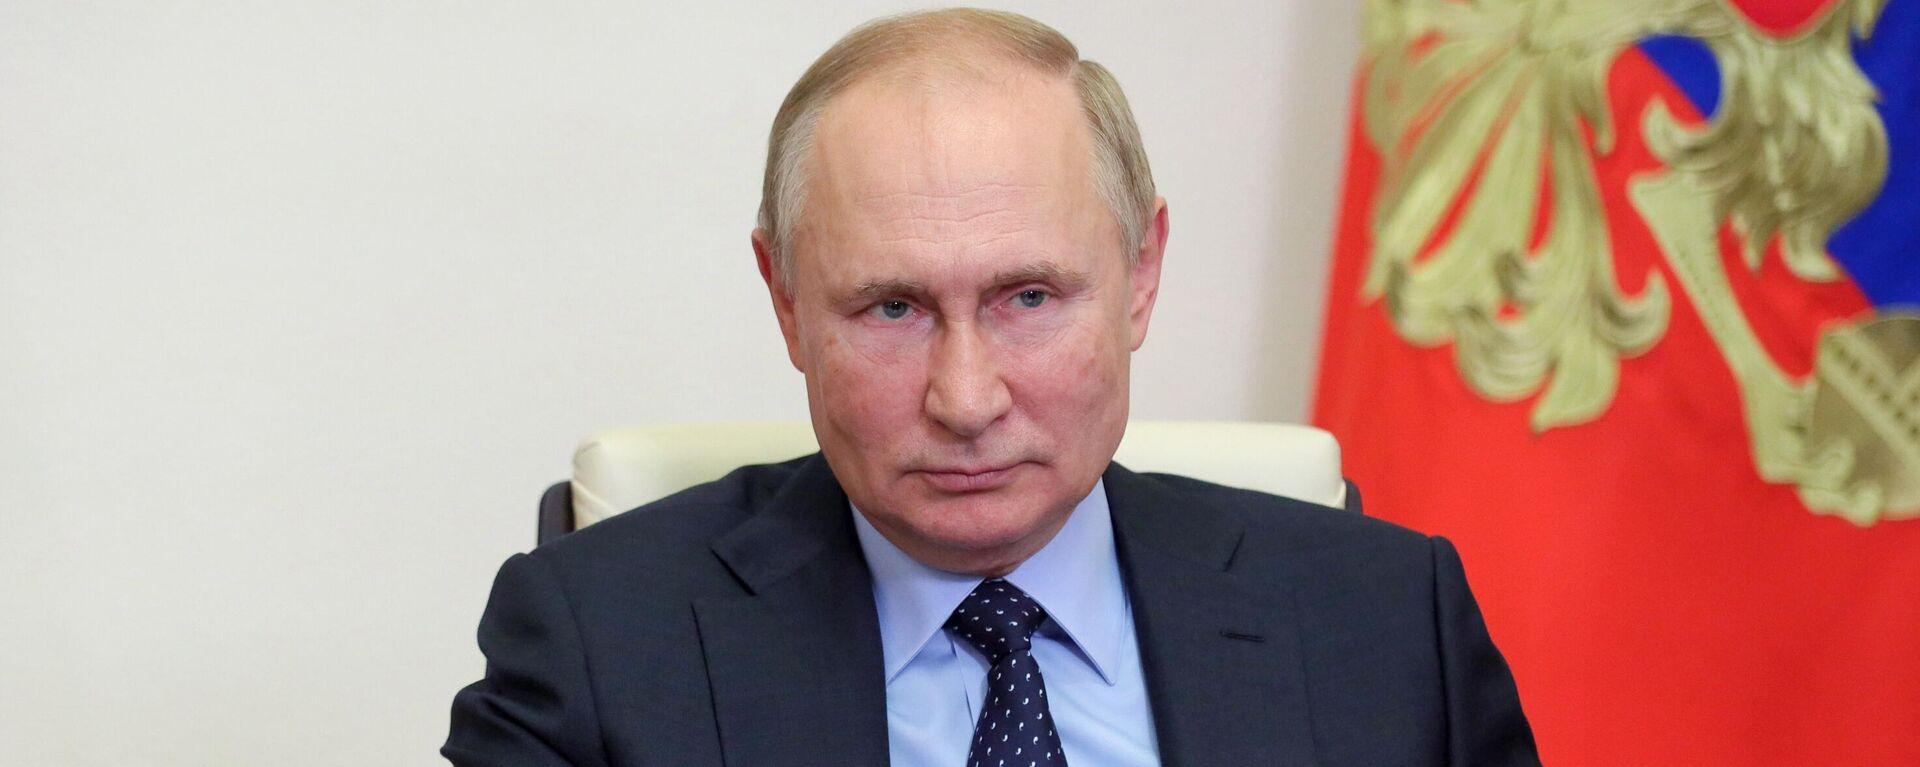 Председник Русије Владимир Путин - Sputnik Србија, 1920, 07.10.2021